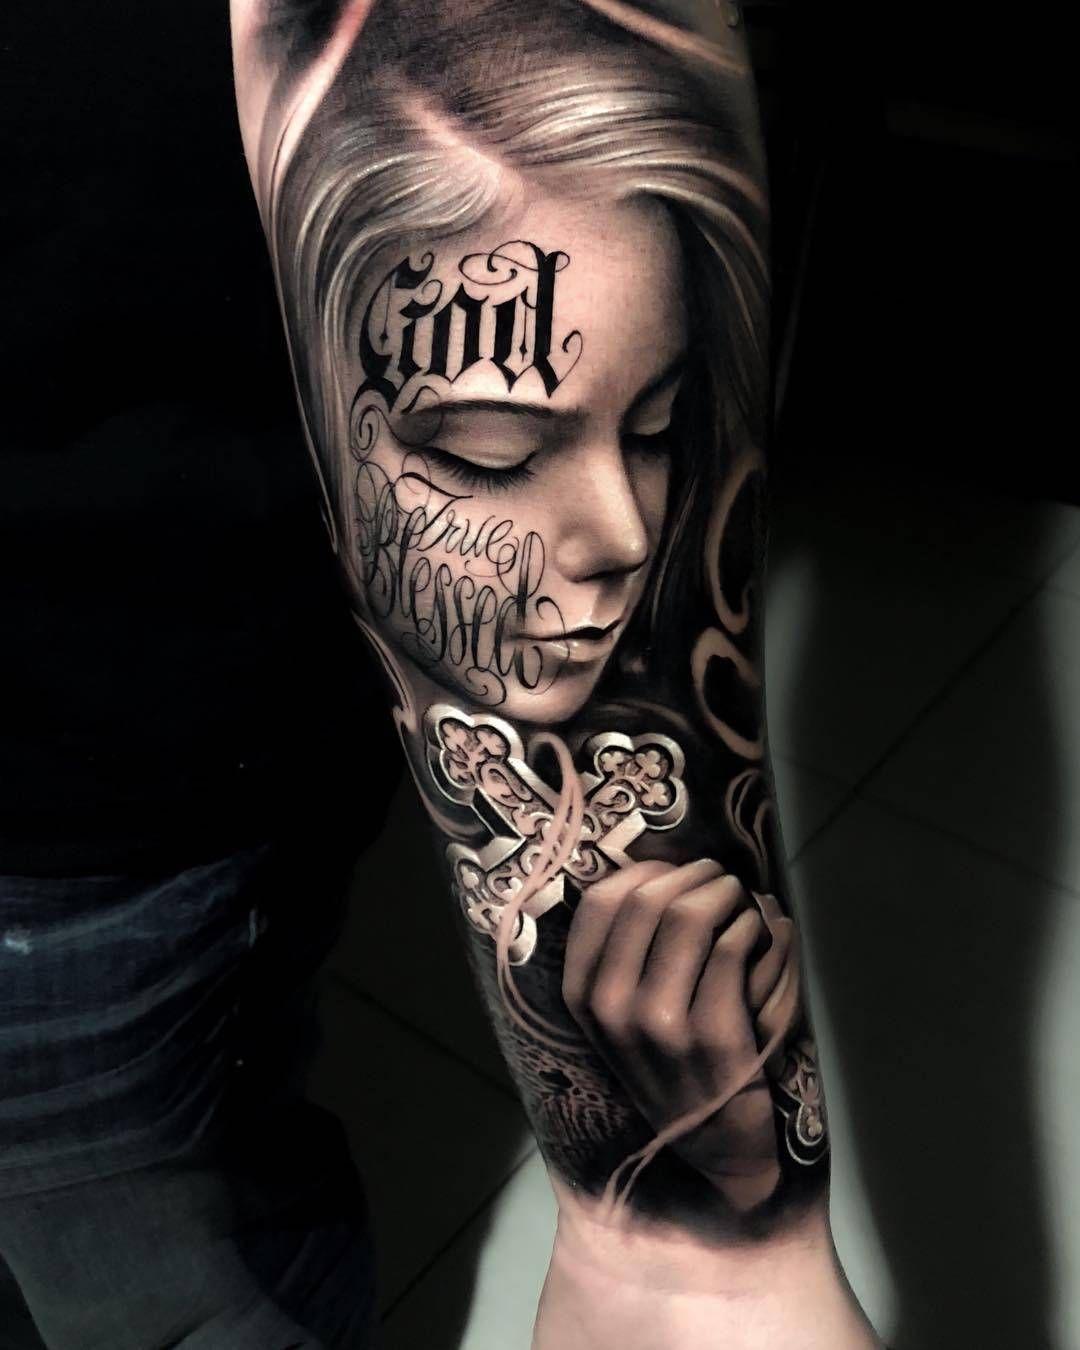 Tattoo Artist Samurai Standoff Tattoo Styles Tattoo Designs Tattoos